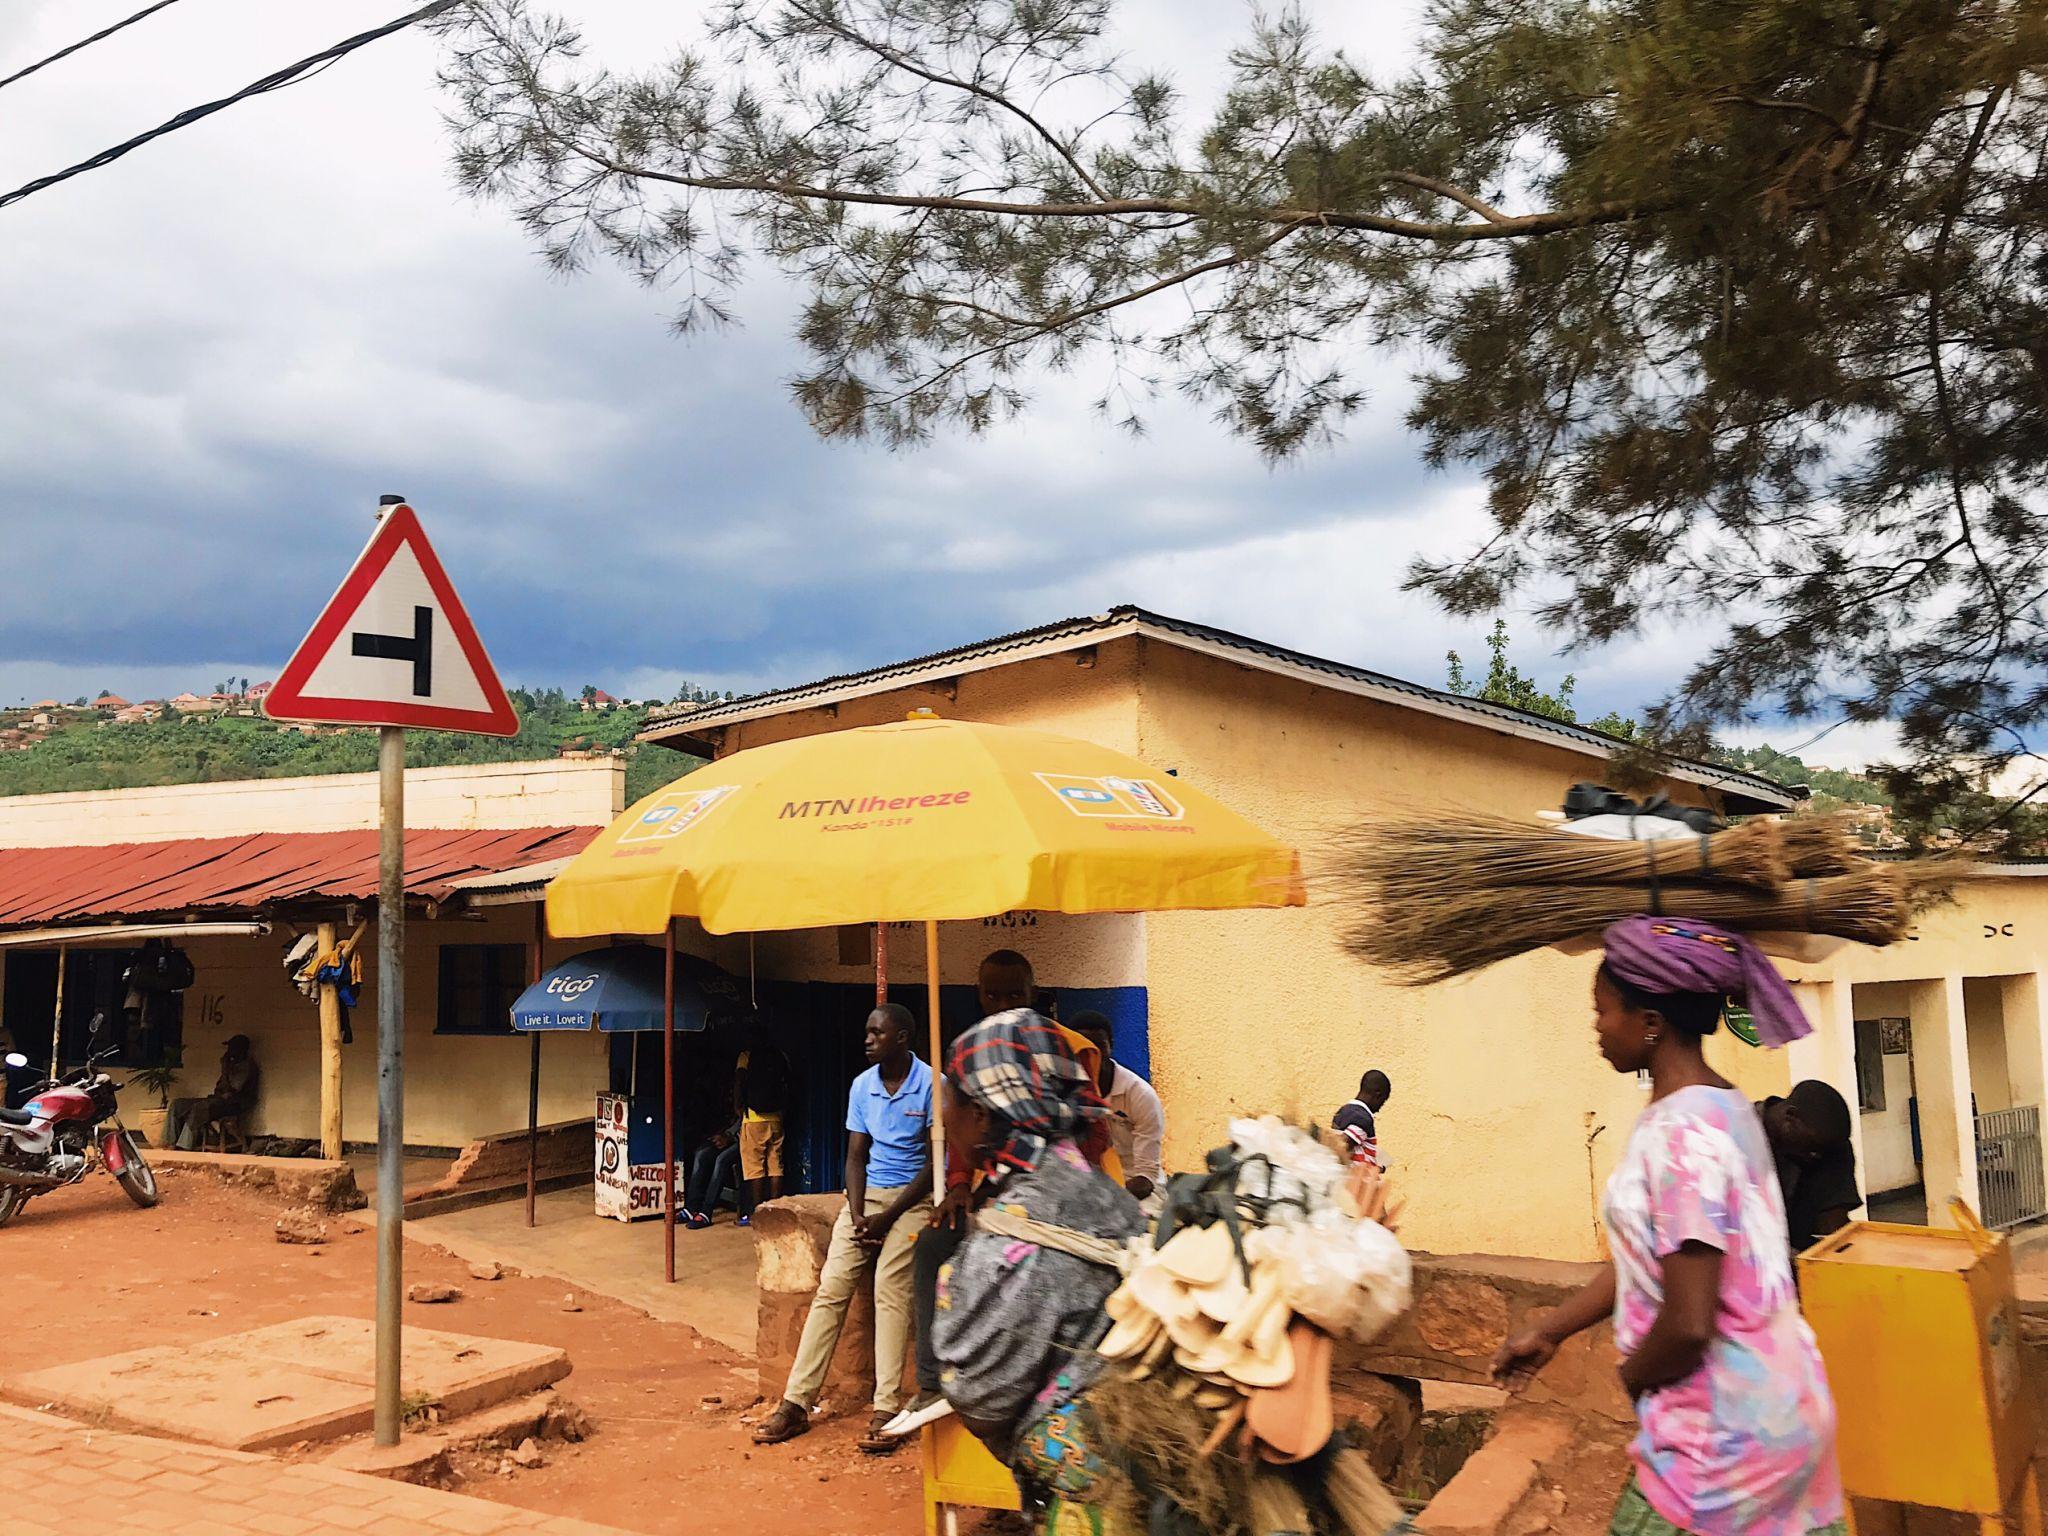 Image of a street in Rwanda